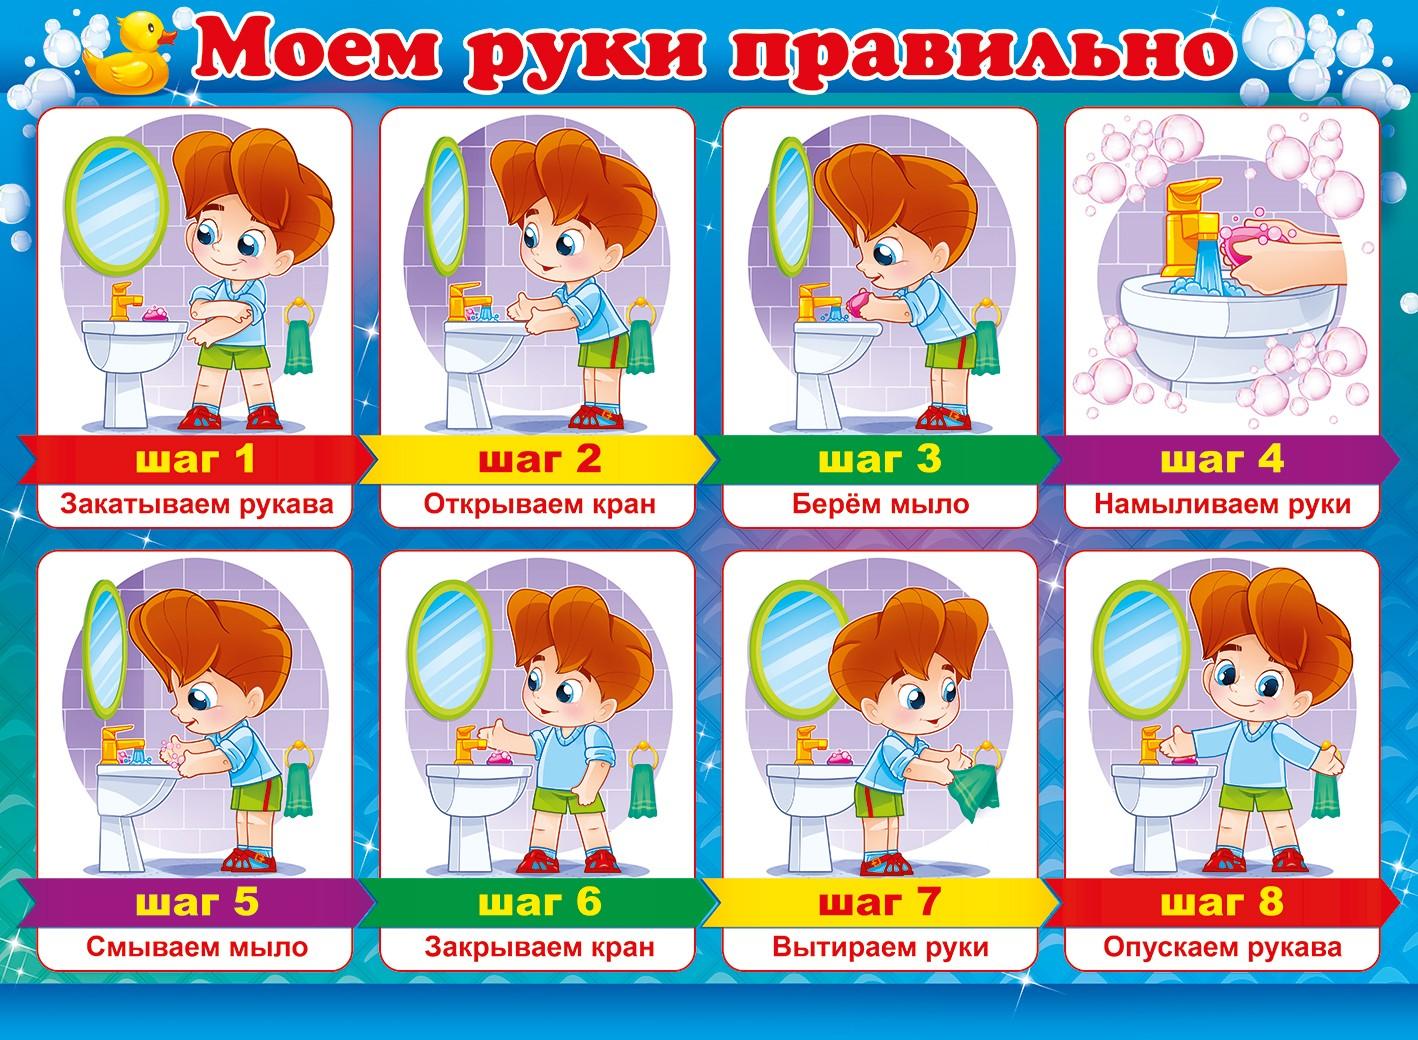 Кубики для детей картинка